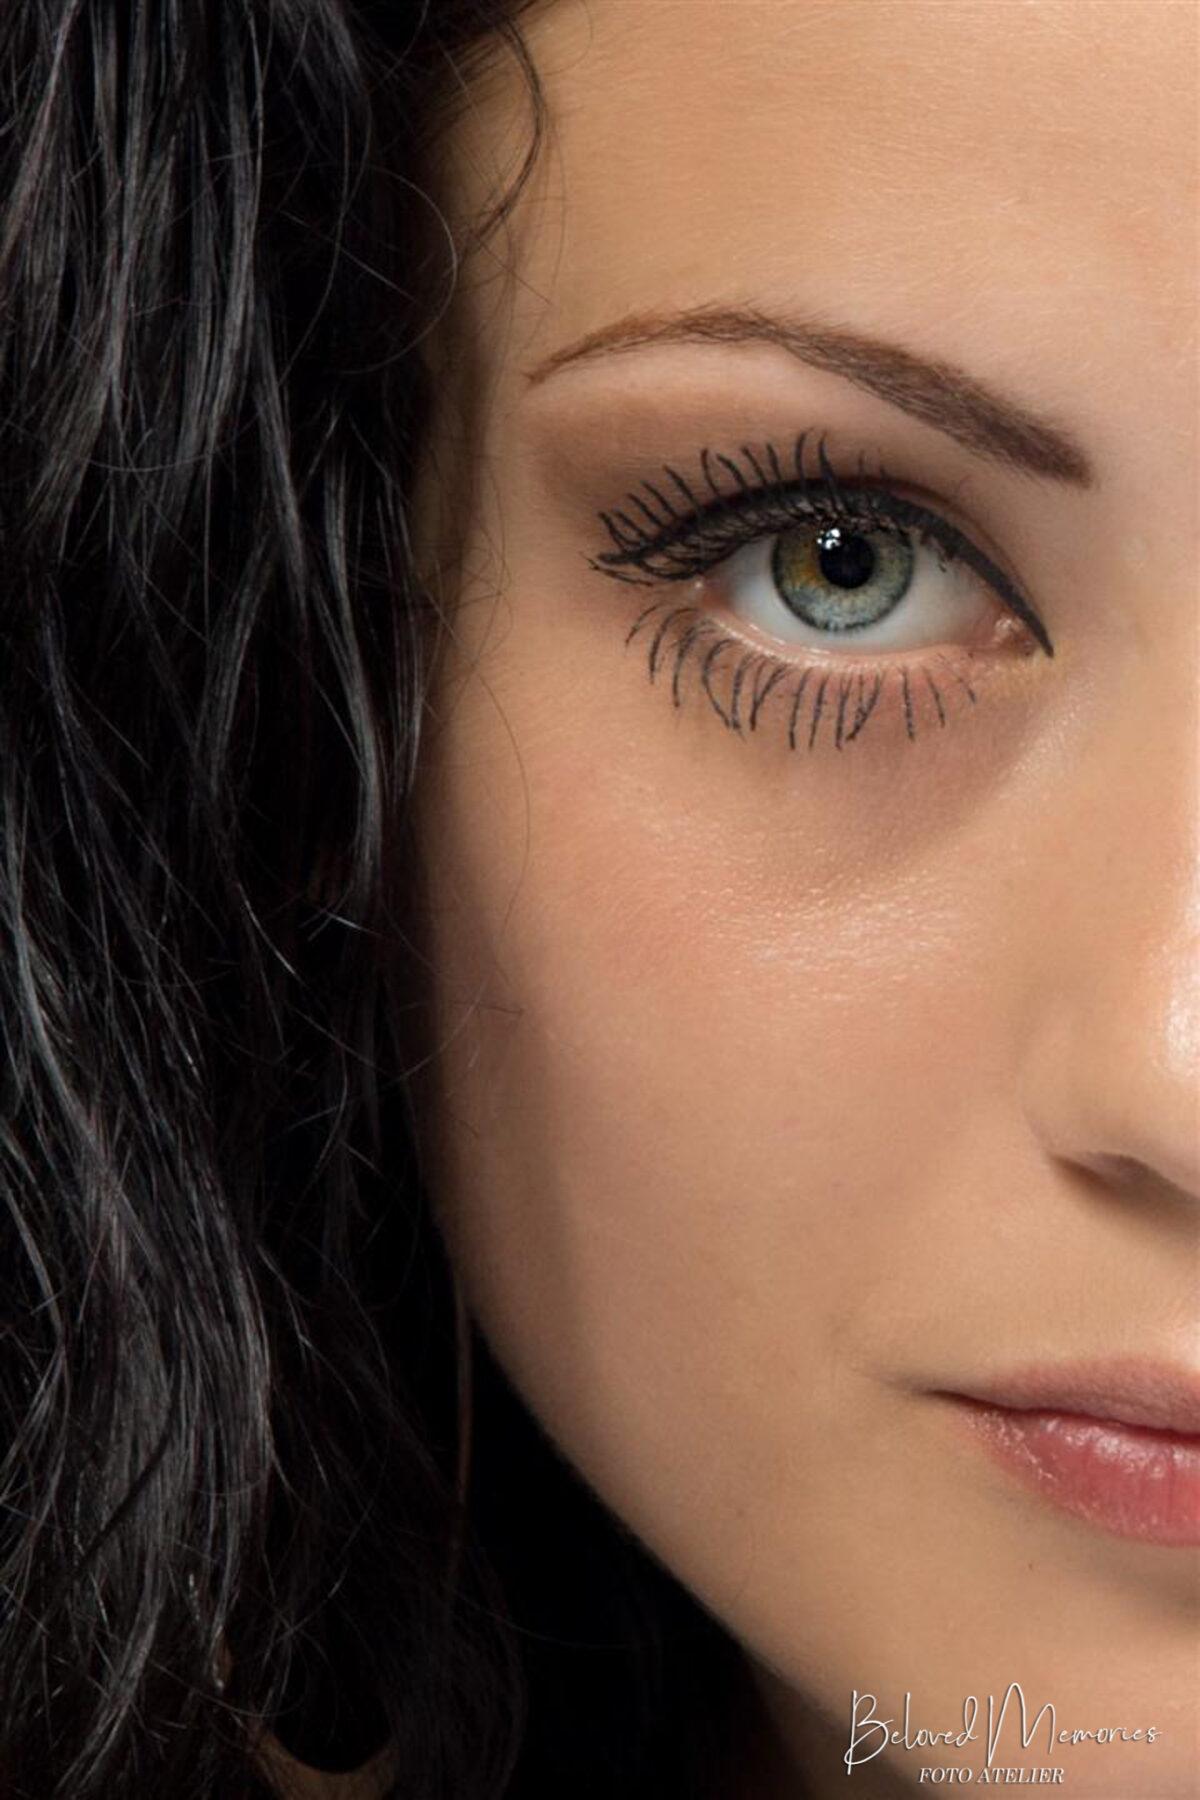 Jessy's eye